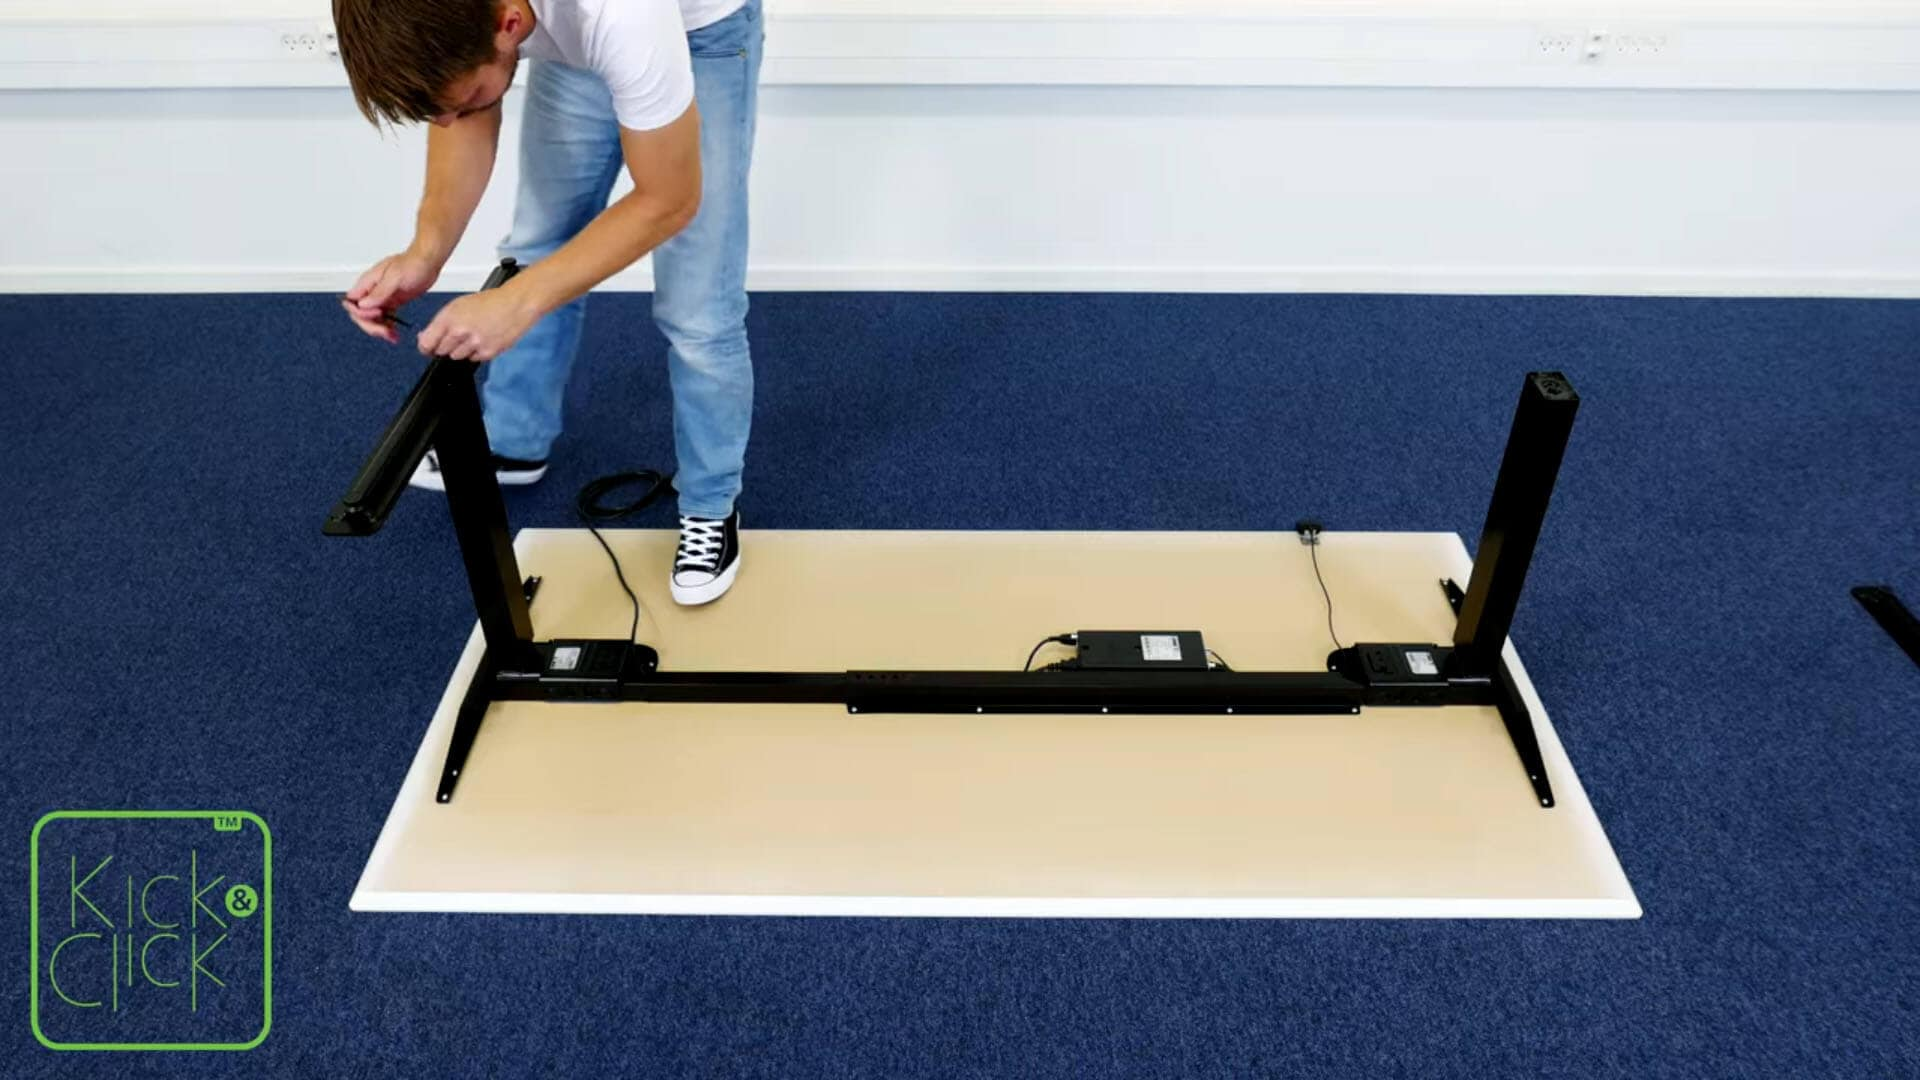 Cómo desmantelar un escritorio de oficina Kick & Click de LINAK